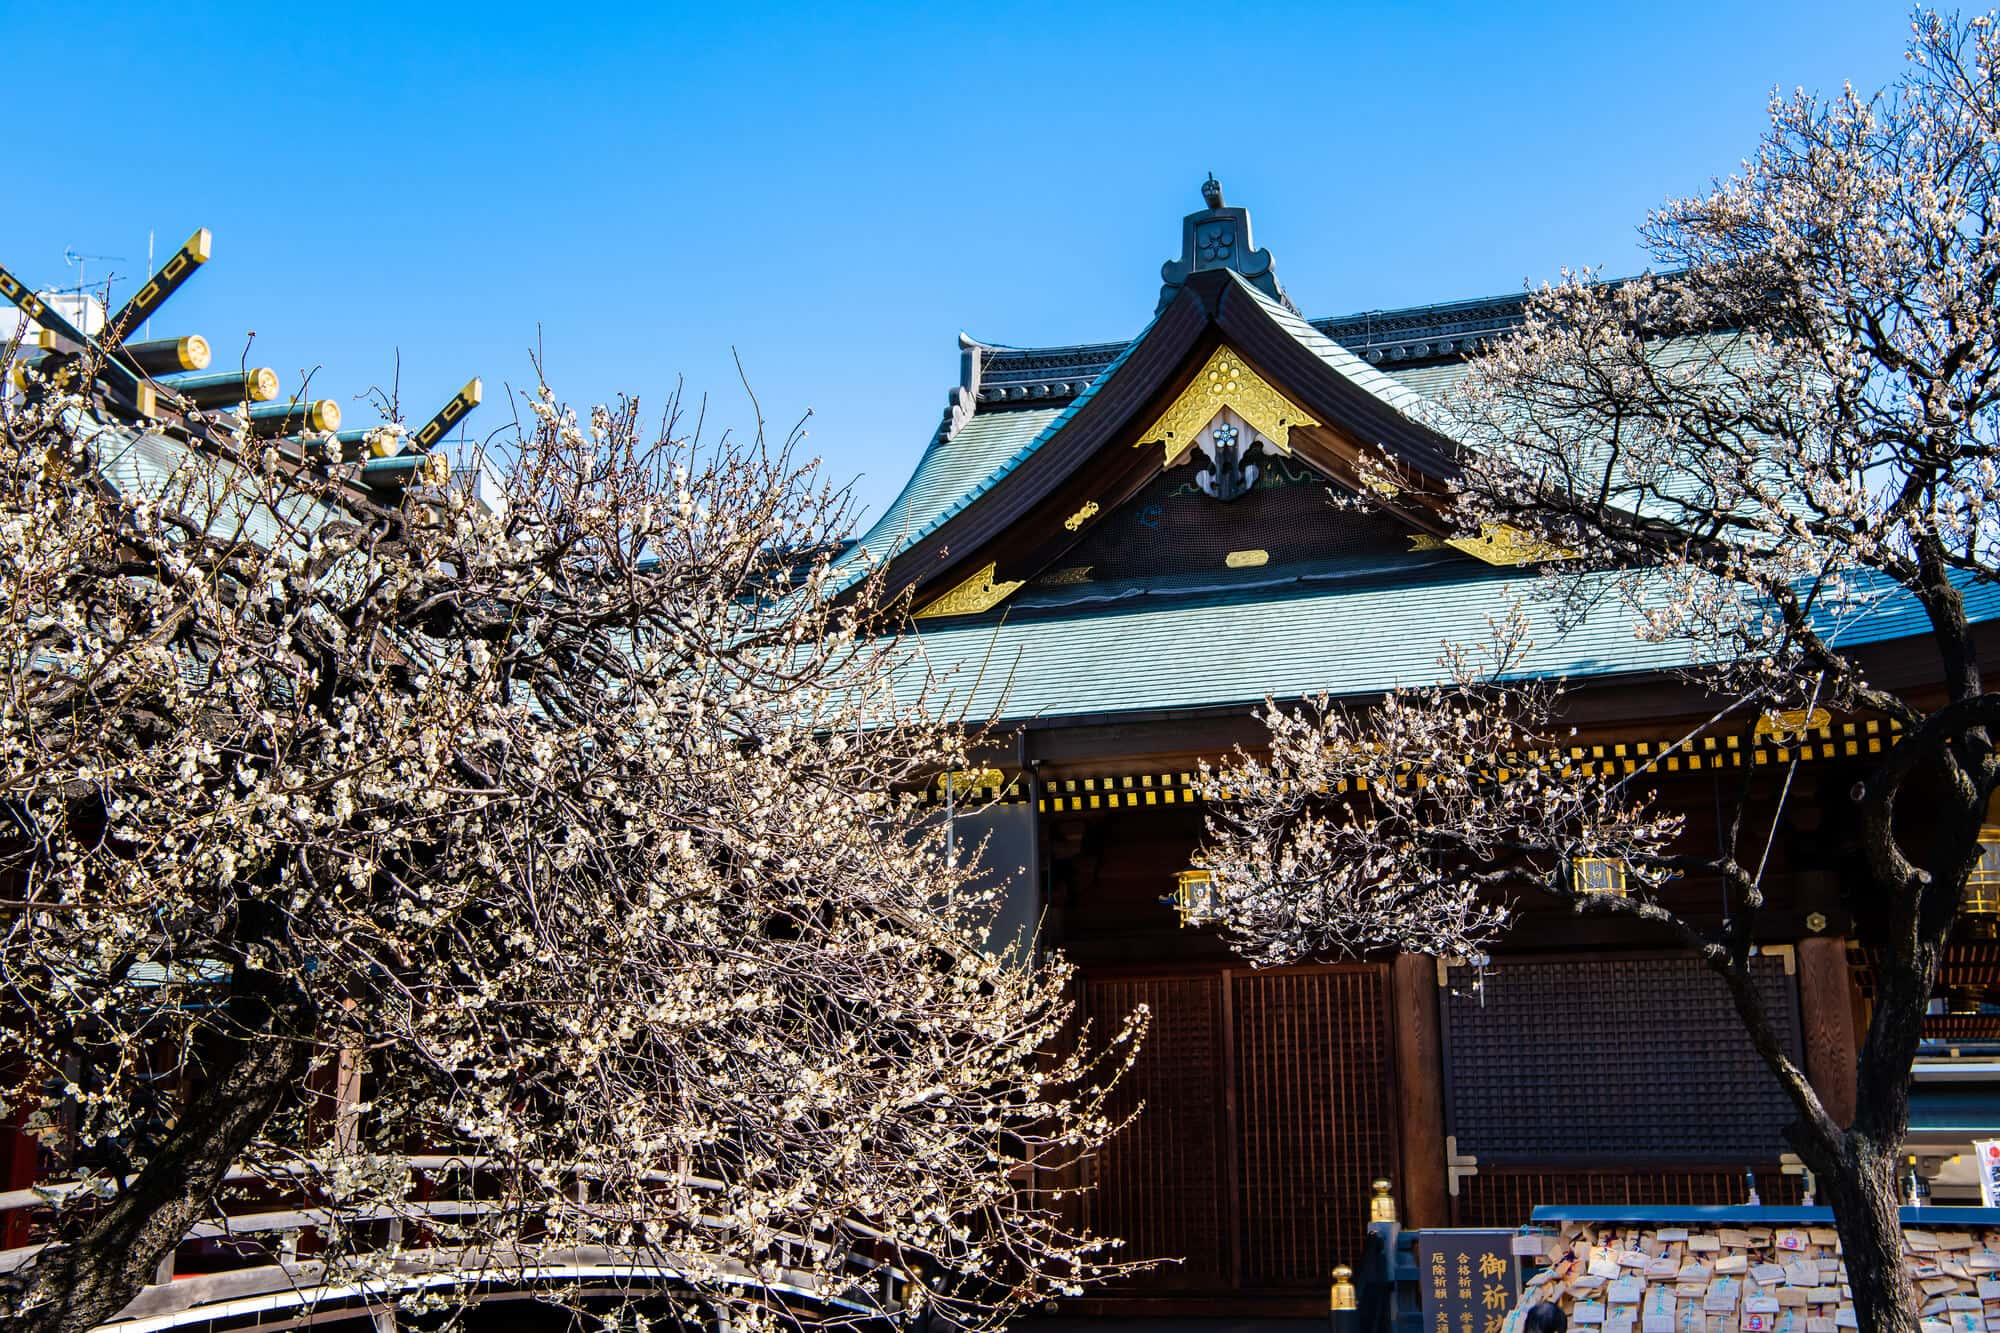 天神 初詣 湯島 湯島天神で初詣、旧岩崎邸庭園を散策、ランチ